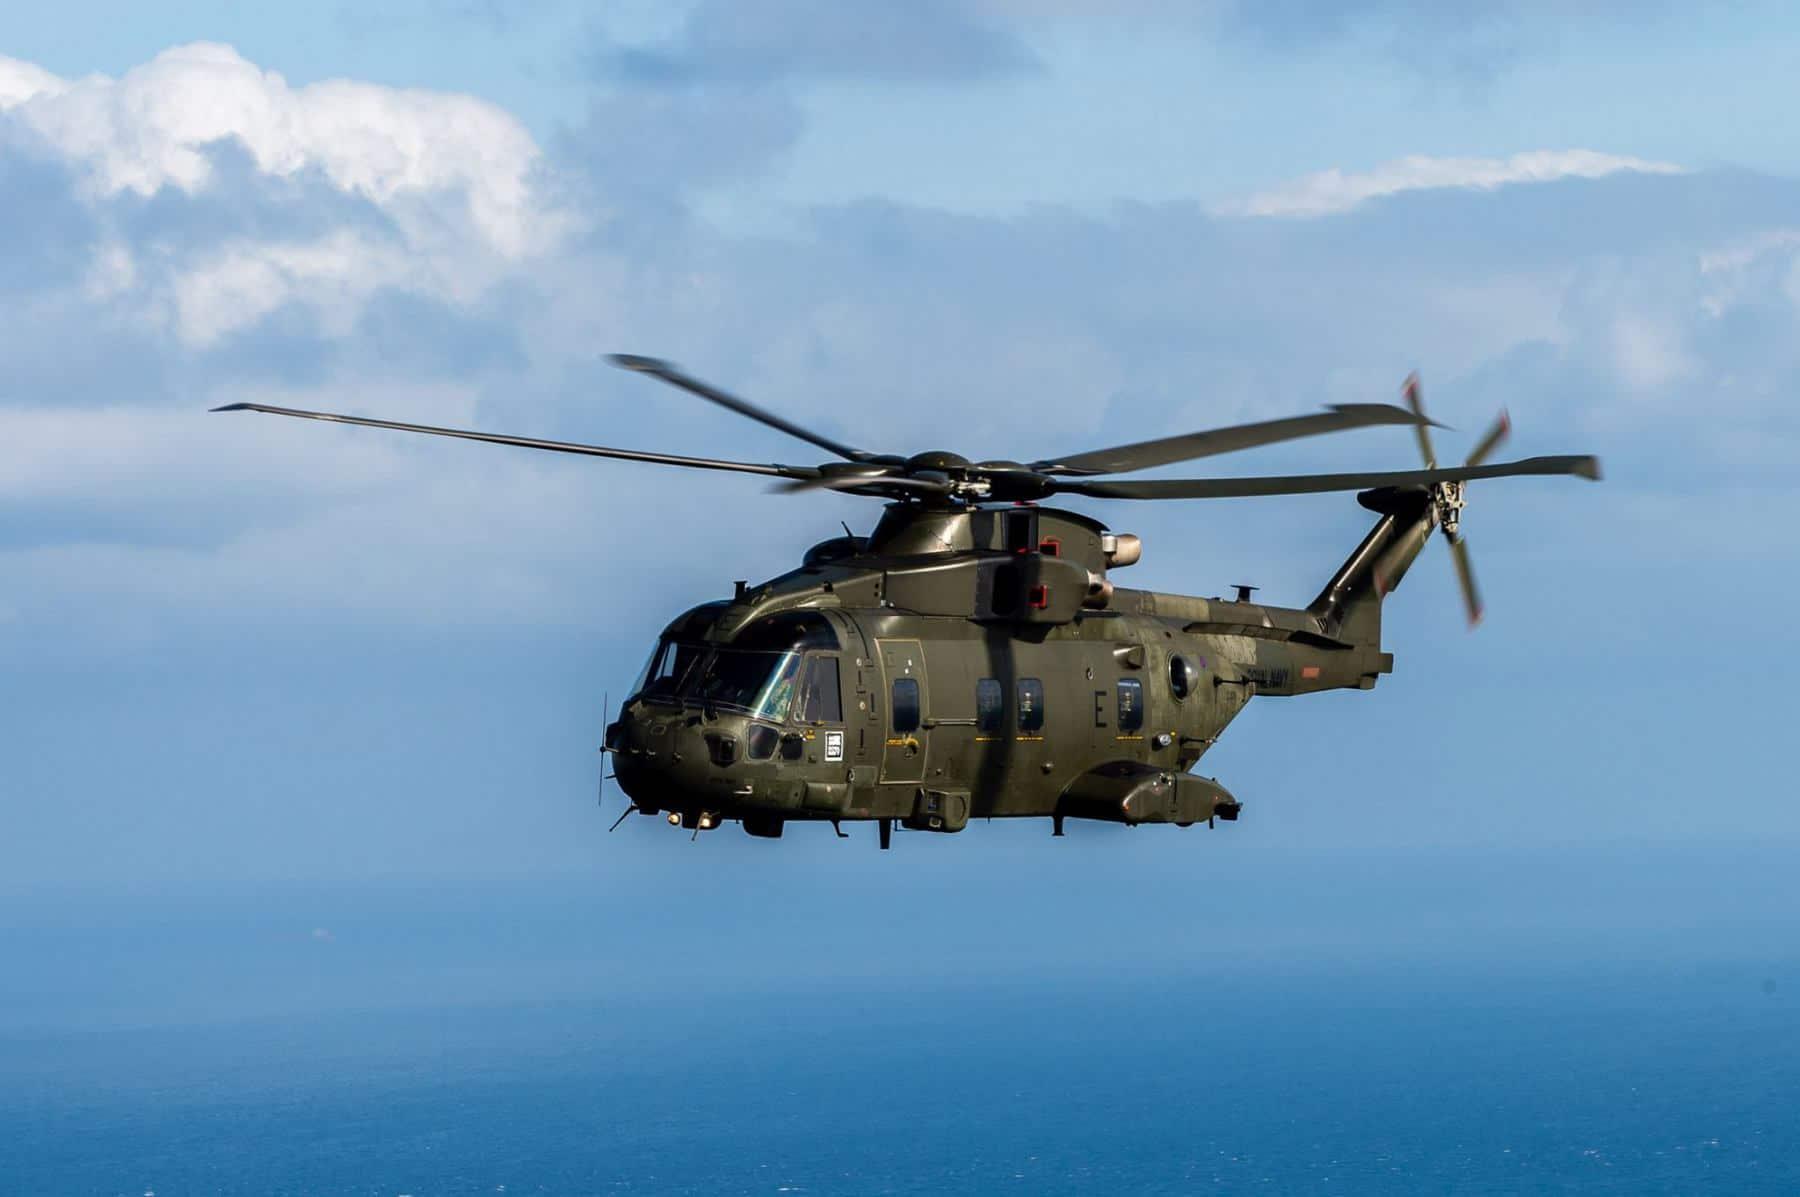 15-de-enero-2016-simulacro-de-rescate-con-helicpteros-merlin-mk3-en-gibraltar-06_24398436285_o